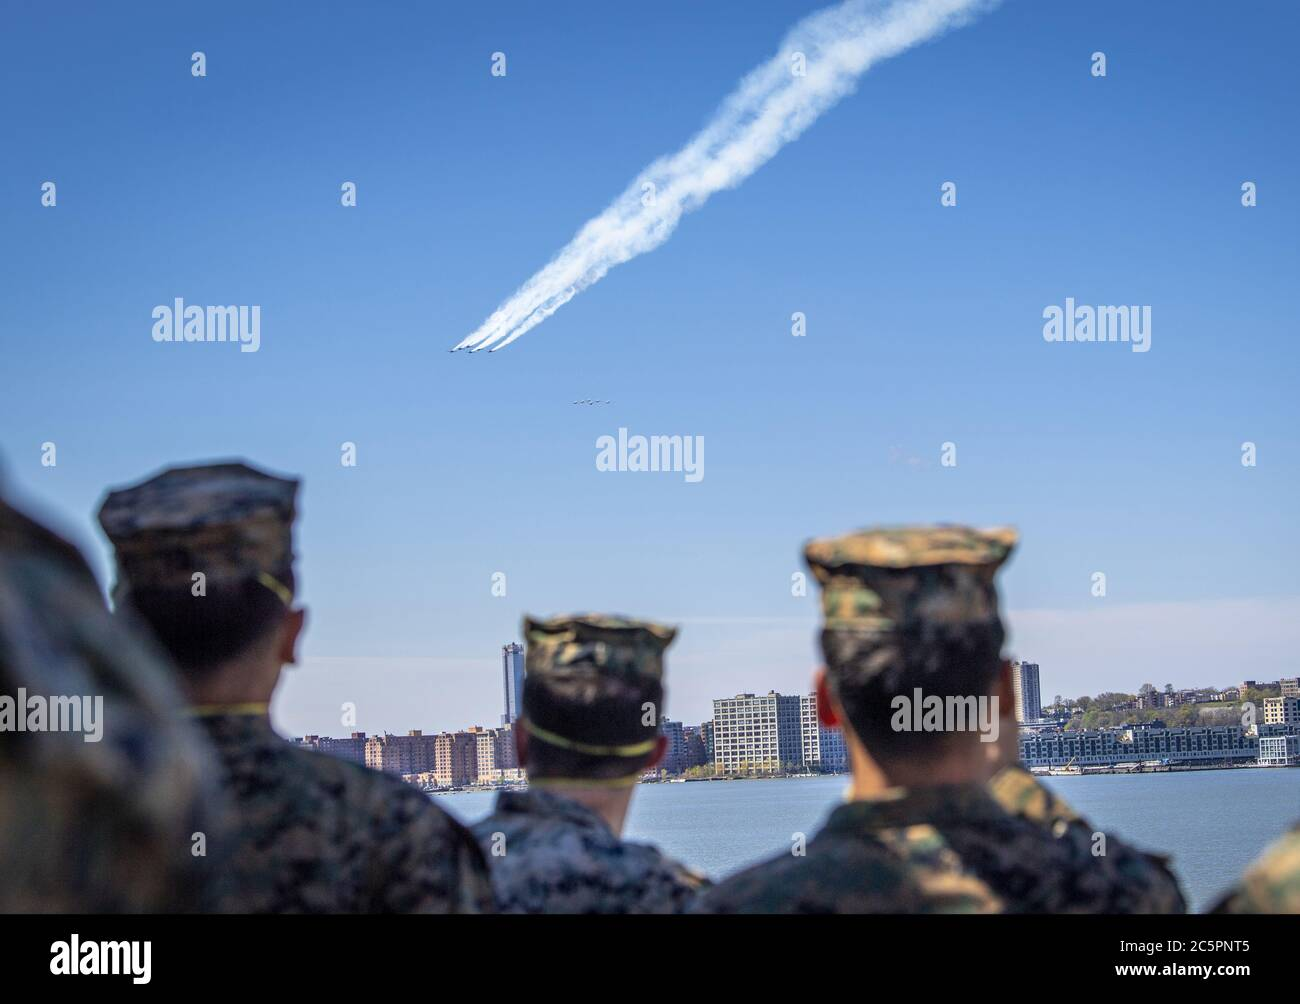 Manhattan, Estados Unidos de América. 29 de abril de 2020. NUEVA YORK (28 de abril de 2020) el Escuadrón de demostración de Vuelo de la Marina de los Estados Unidos, los Ángeles Azules y el Escuadrón de demostración Aérea de la Fuerza Aérea de los Estados Unidos, los Thunderbirds, honran a los respondedores de primera línea del COVID-19 y a los trabajadores esenciales con un vuelo de formación sobre la ciudad de Nueva York. Una formación de seis aviones F/A-18C/D Hornet y seis F-16C/D Fighting Falcon, conducen los vuelos como un saludo de colaboración a los trabajadores de la salud, los primeros respondedores, el personal militar y otros esenciales. Crédito: Storms Media Group/Alamy Live News Foto de stock